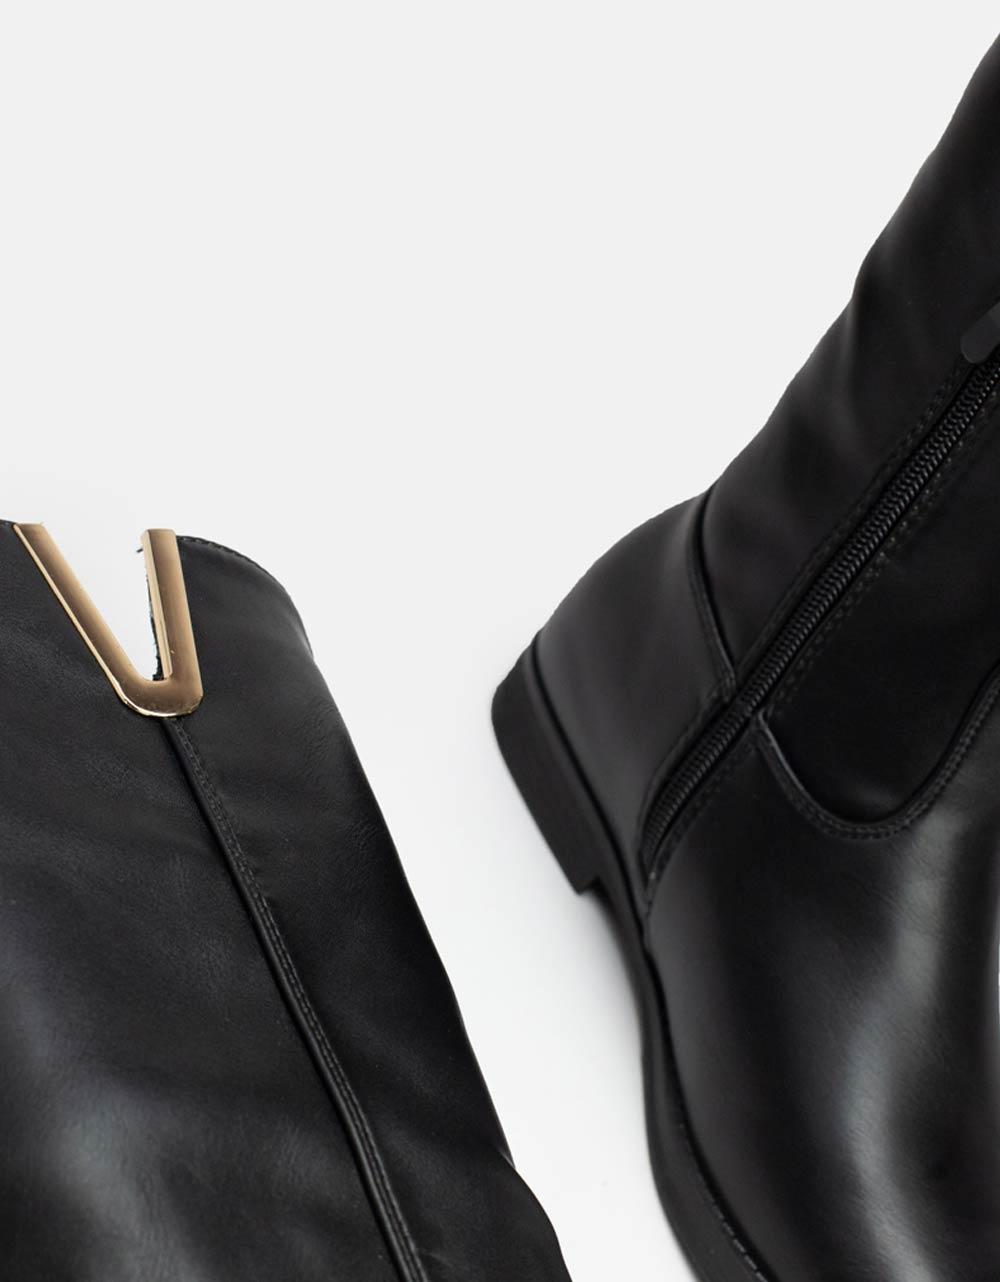 Εικόνα από Γυναικείες μπότες μονόχρωμες με διακοσμητικό V στο πλαϊνό μέρος Μαύρο